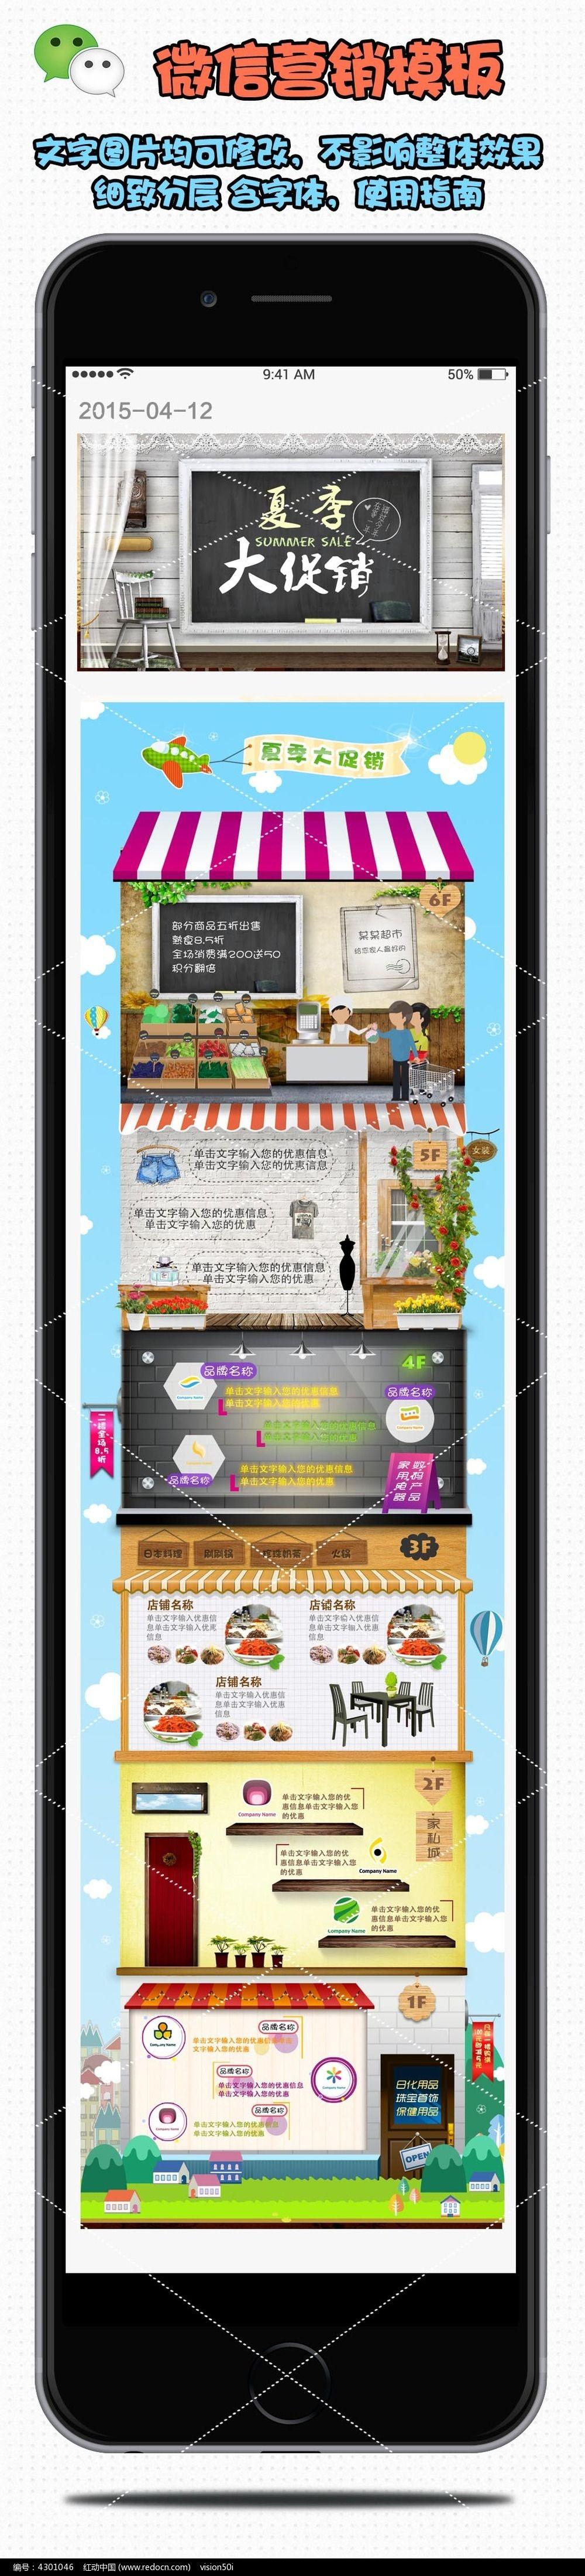 微信商场促销图文消息模板图片